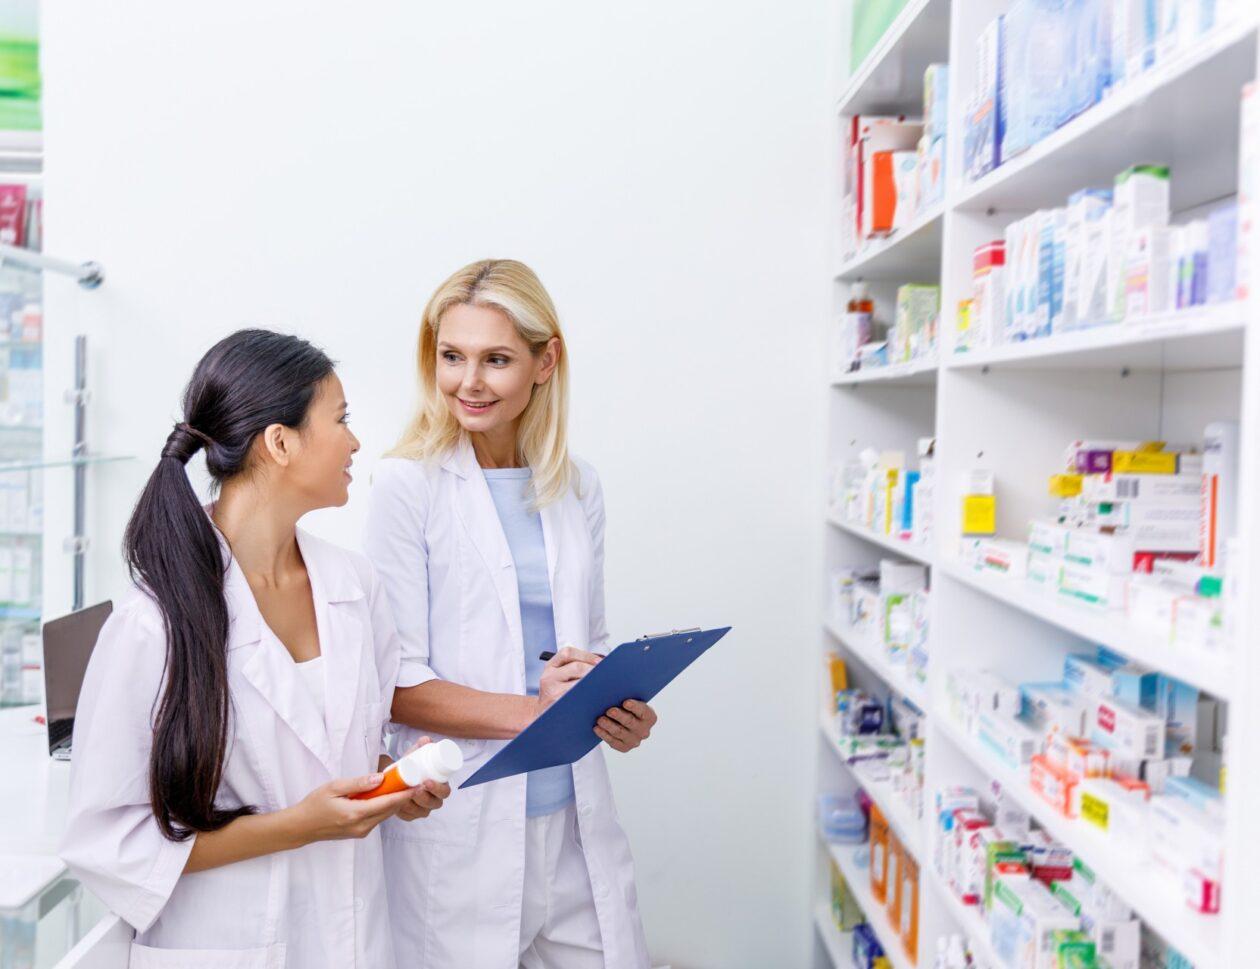 etichette-settore-farmaceutico